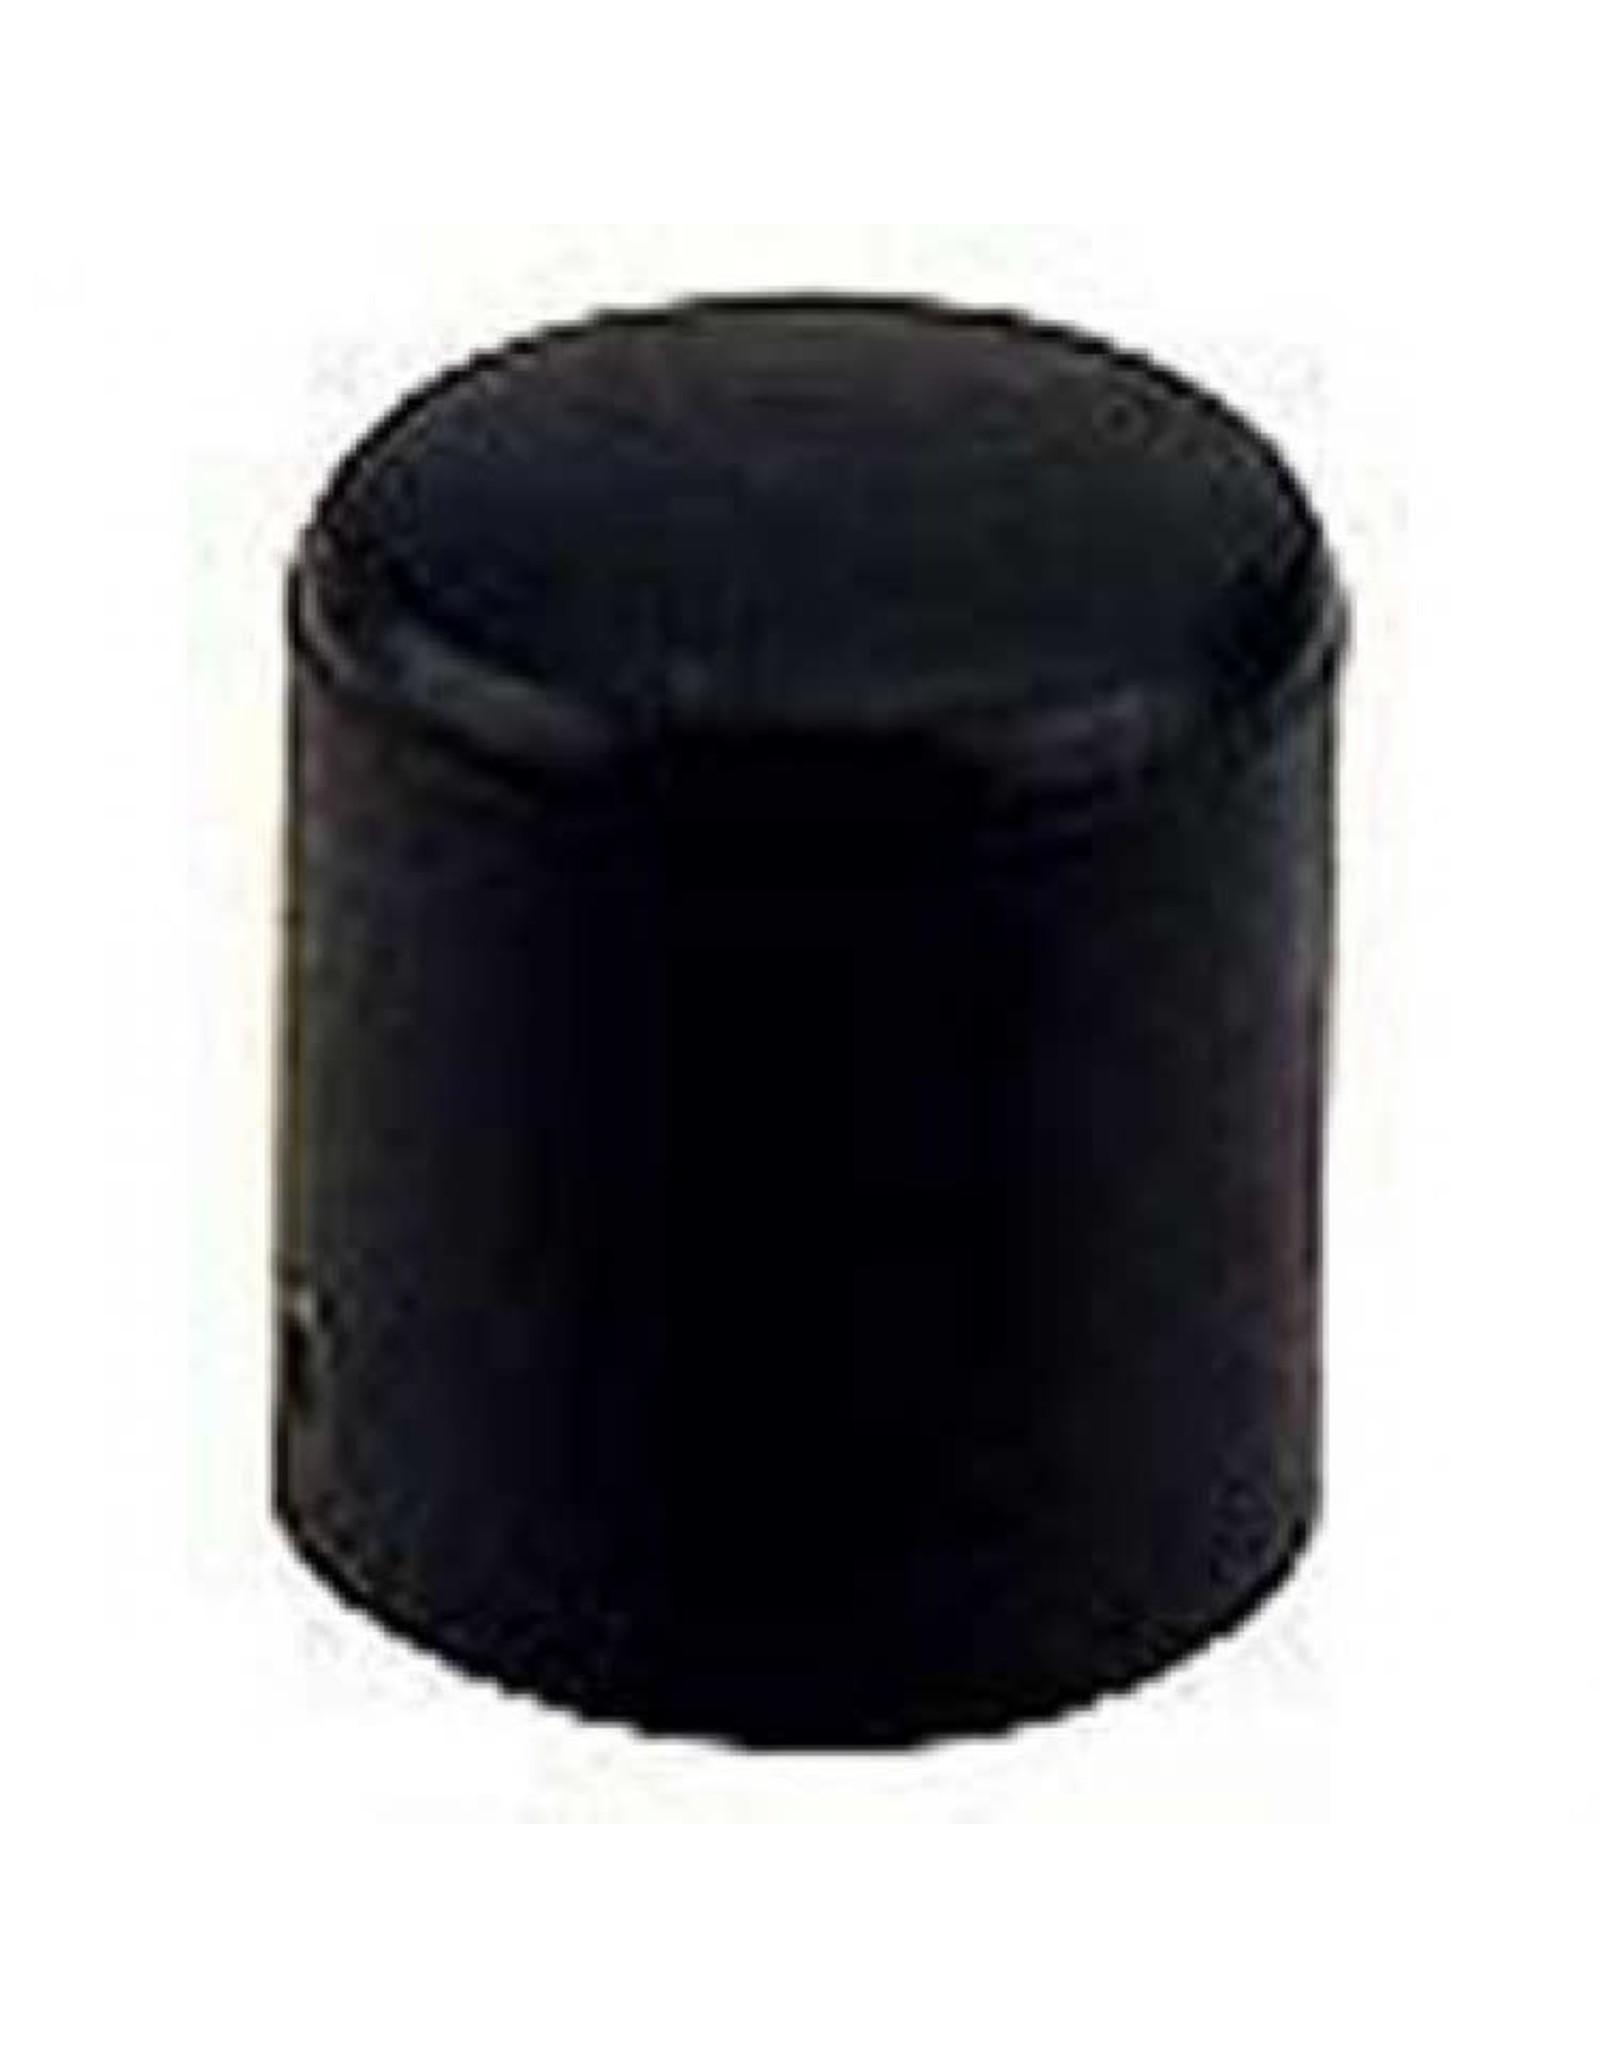 Meubeldop, kunststof voor om ronde poot 25 mm per 4 stuks